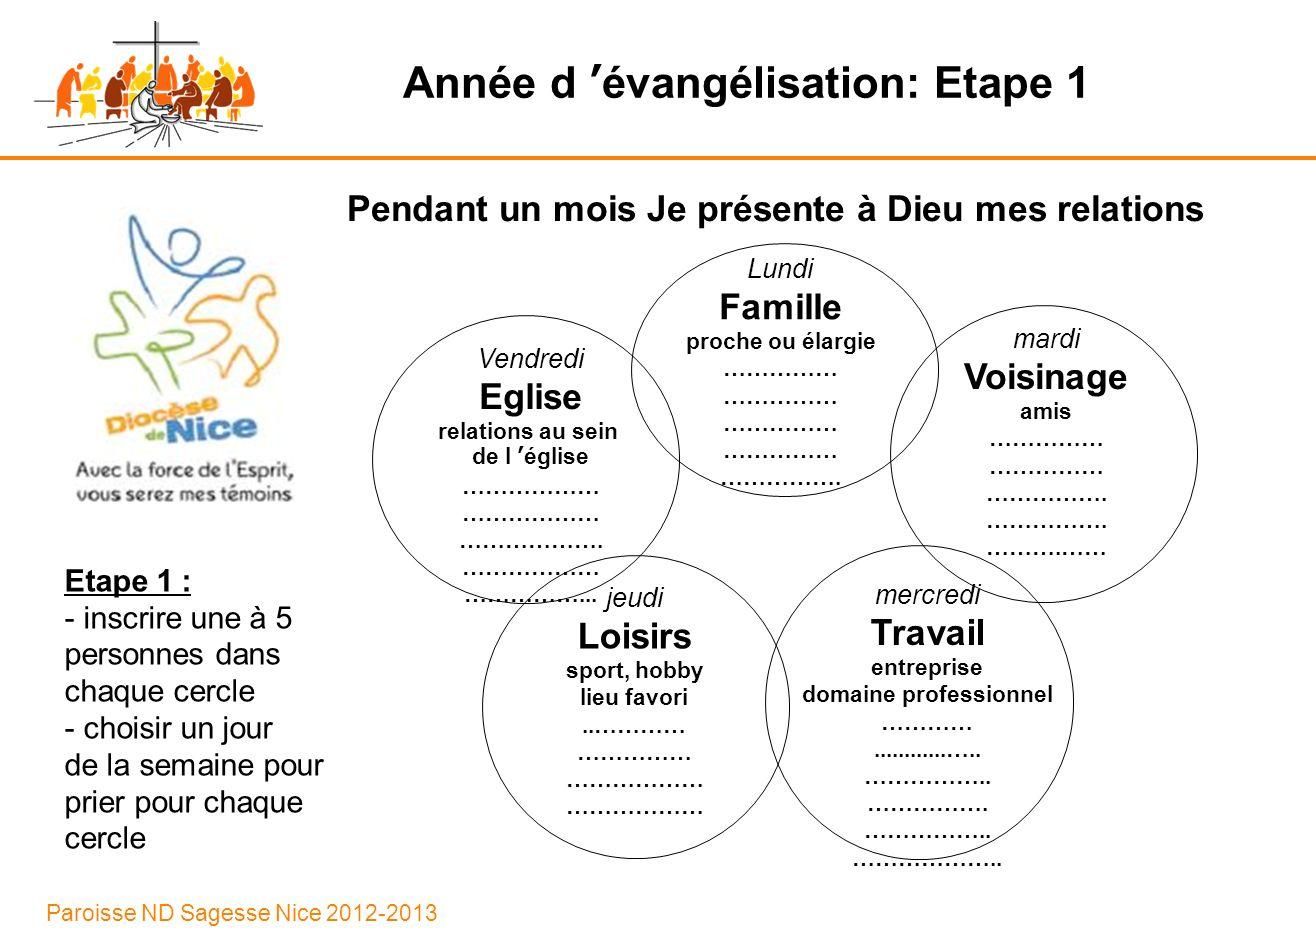 Paroisse ND Sagesse Nice 2012-2013 Année d évangélisation: Etape 1 Pendant un mois Je présente à Dieu mes relations Vendredi Eglise relations au sein de l église ……………… ……………… ……………….